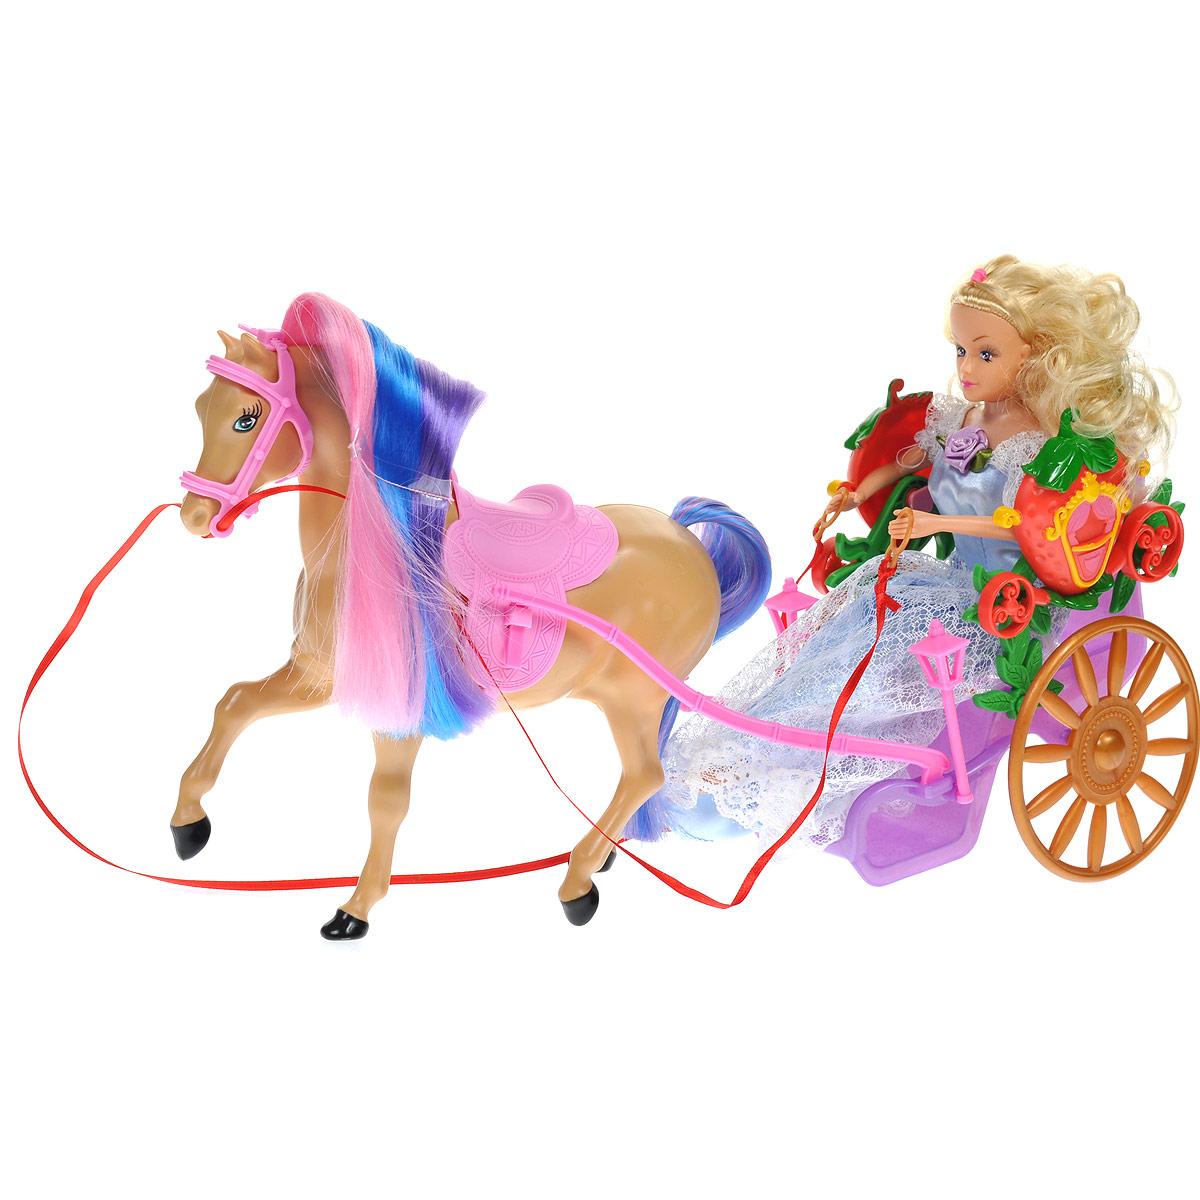 WSBD World Игровой набор с куклой Лошадь с повозкой и куклой1406Этот игровой набор позволит вашей малышке окунуться в сказочный мир. В него входит повозка, оформленная декоративными элементами, лошадь, очаровательная куколка и аксессуары для игры: расческа, гребешок и зеркальце с ручкой. У лошадки длинные цветные грива и хвост. Куколка со светлыми волосами одета в великолепное нежно-голубое платье. Порадуйте вашего ребенка таким замечательным подарком!